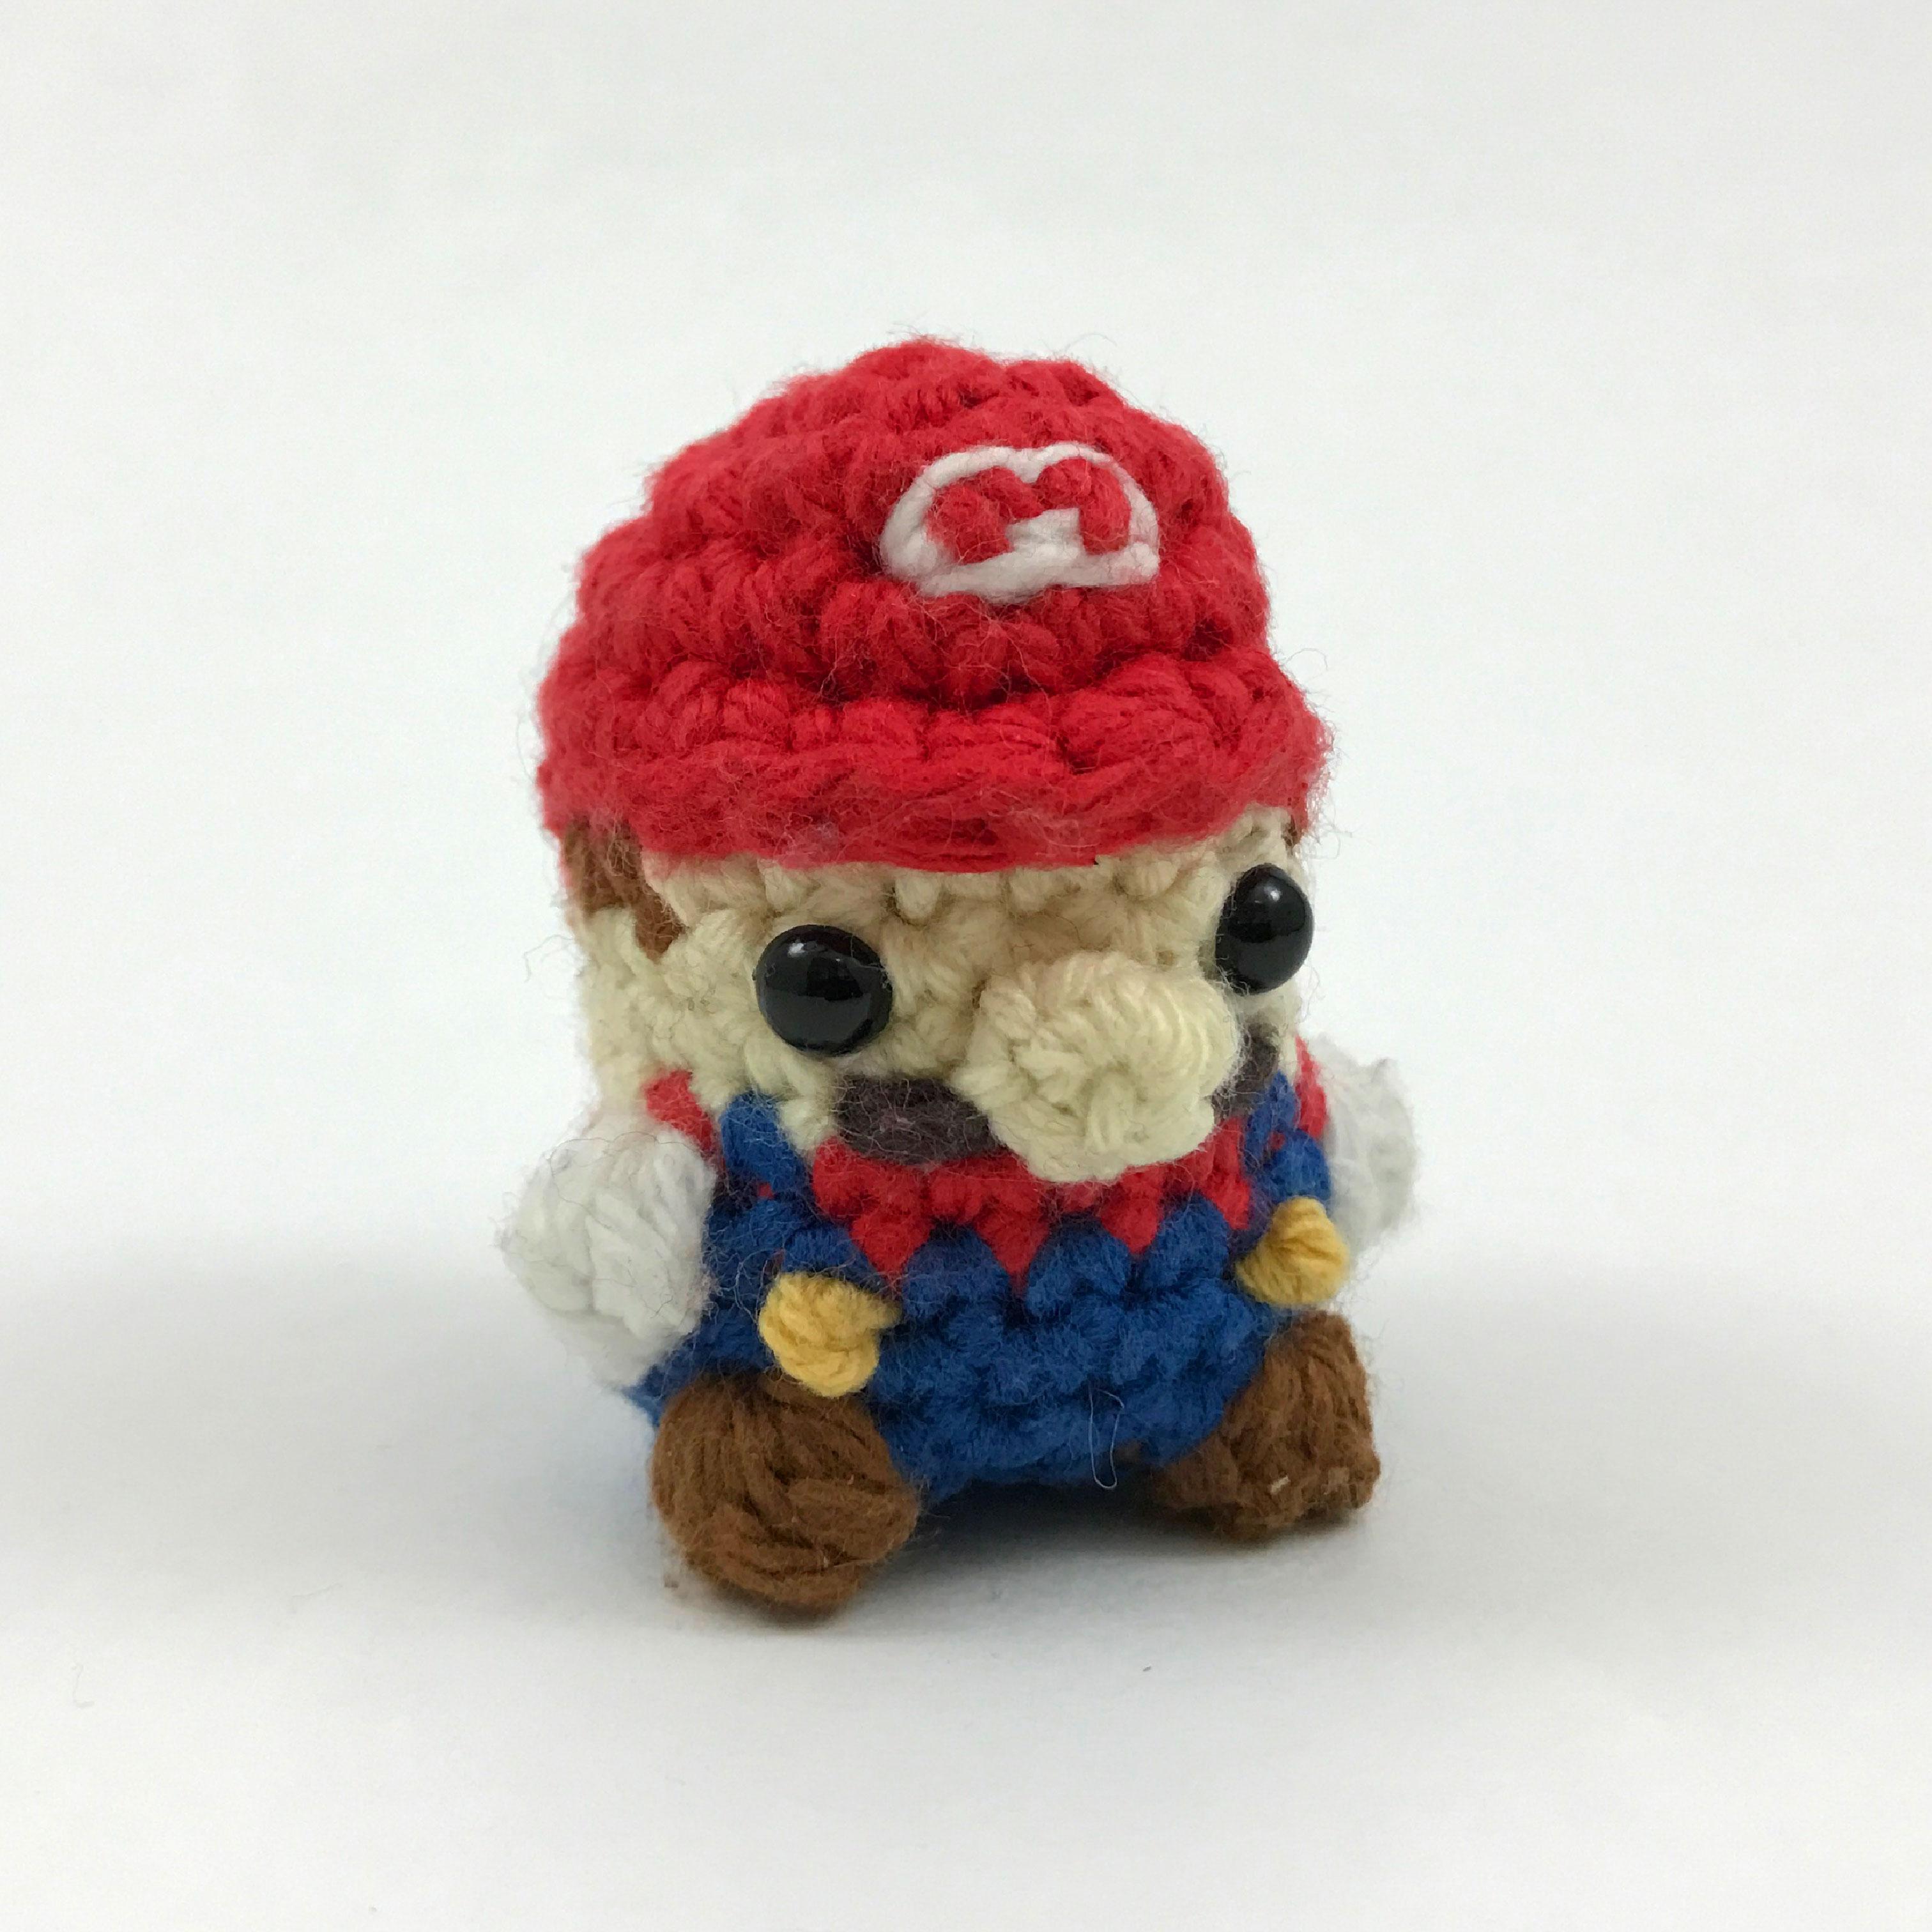 Super Mario Flower Amigurumi - Album on Imgur | 3024x3024